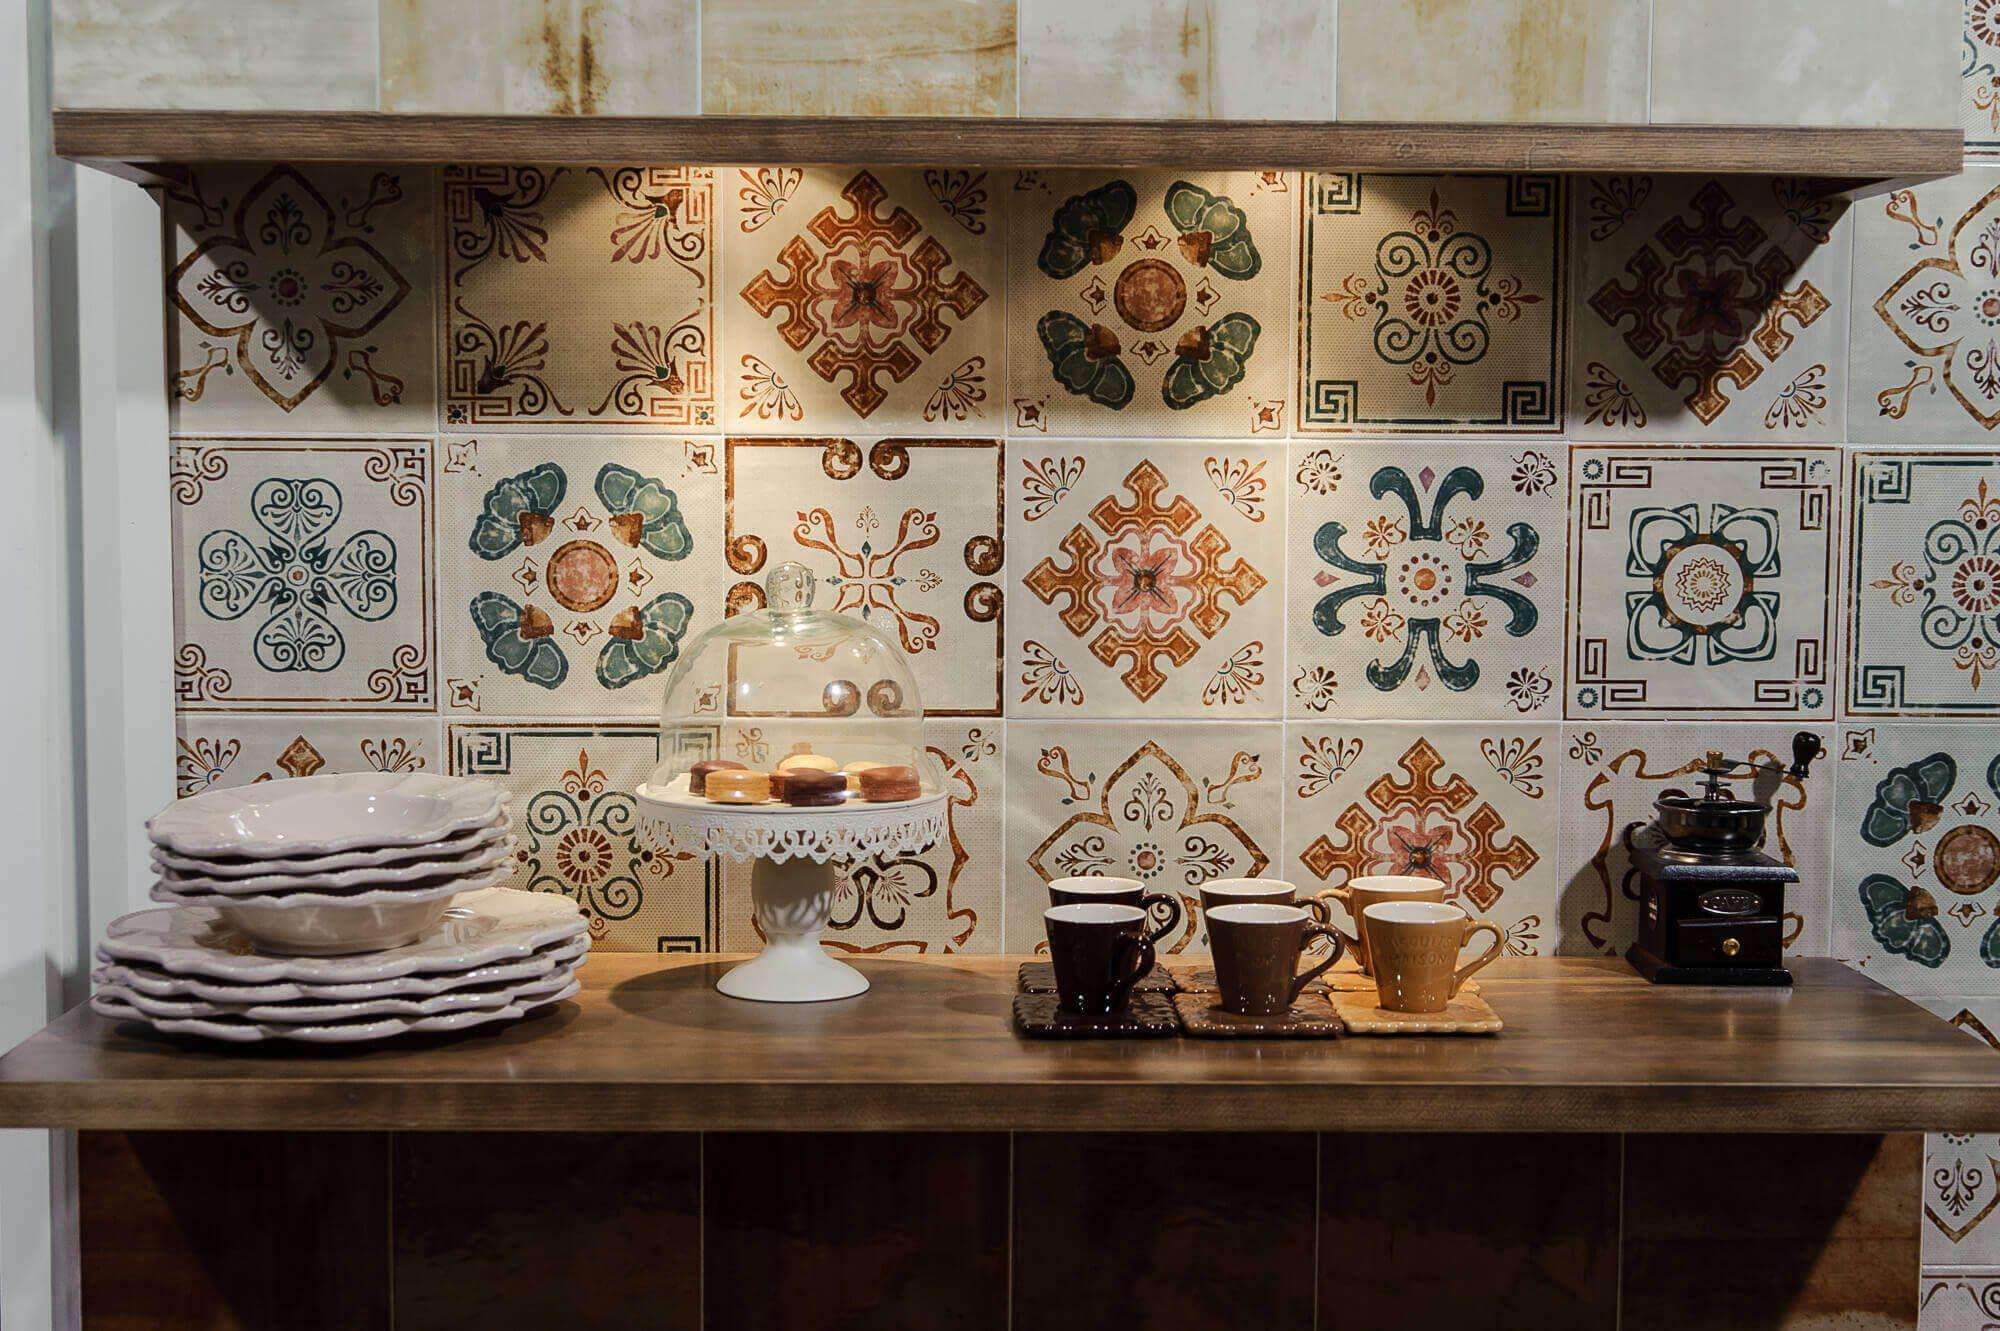 картинки на стену кухни пэчворк цвет